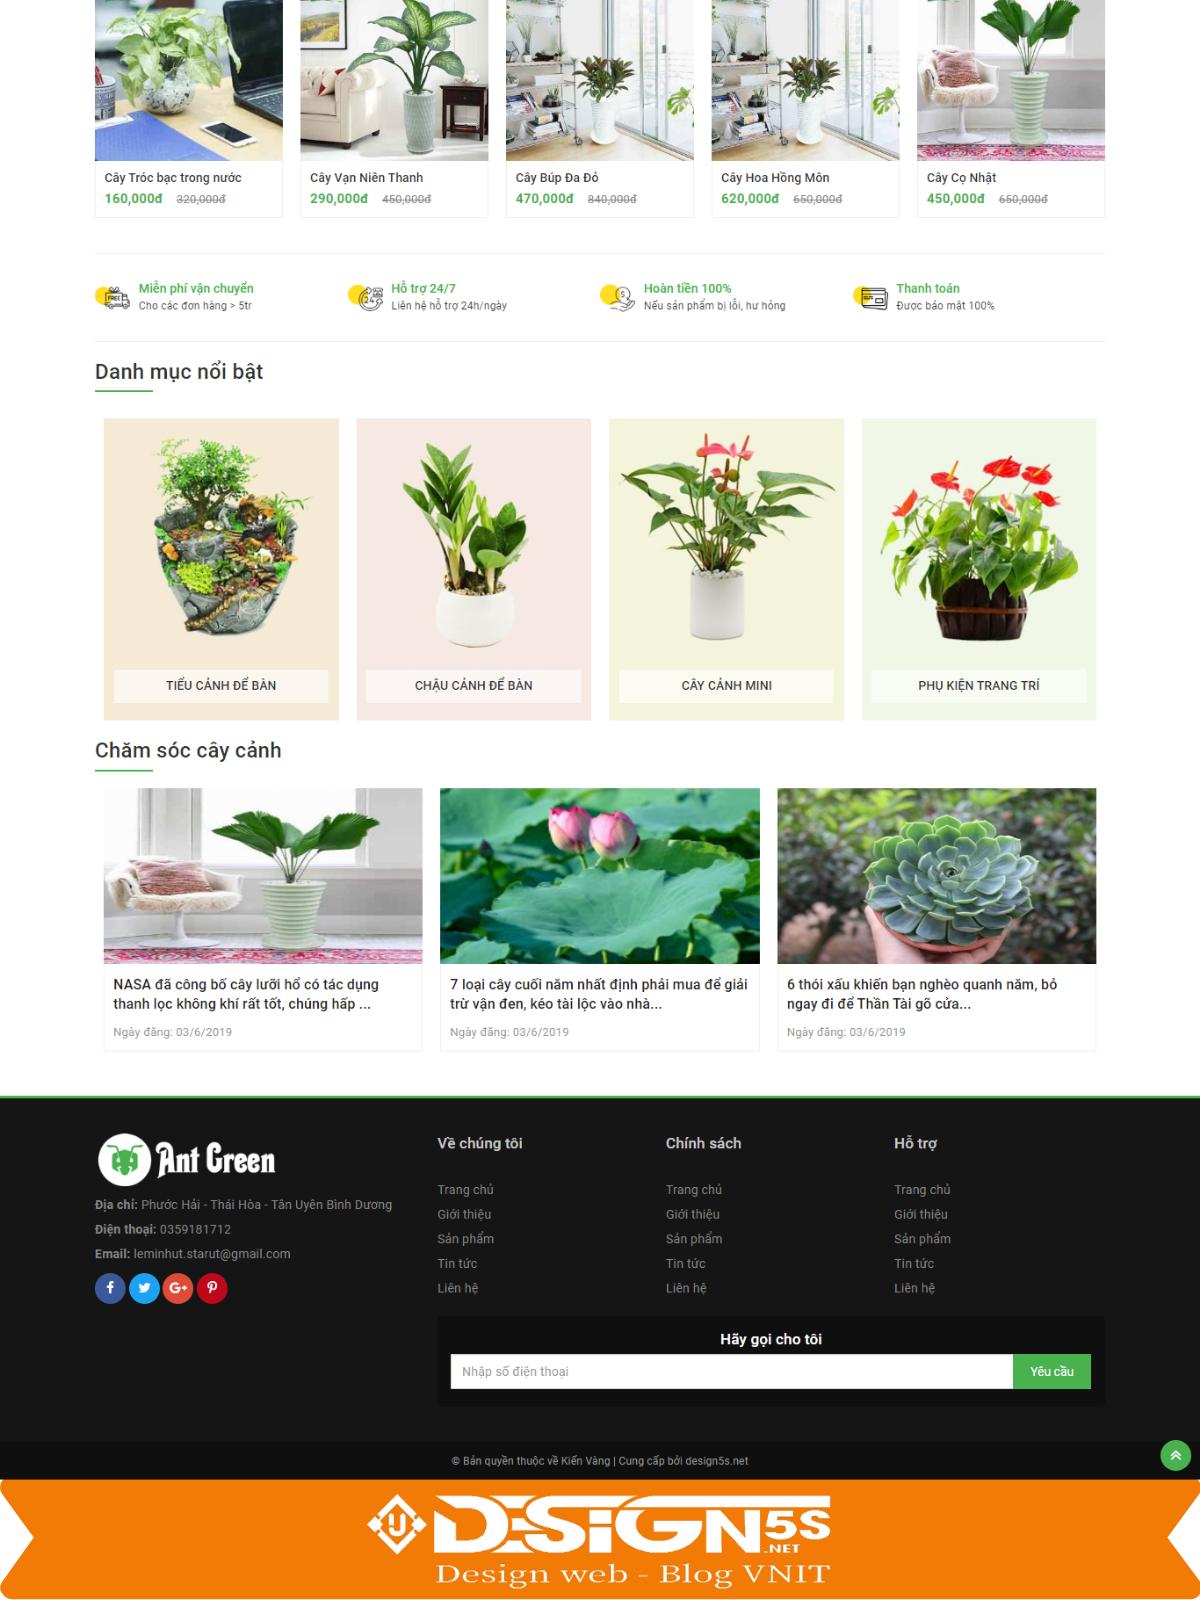 Mẫu Website Bán Cây Cảnh Chuyên Nghiệp Chuẩn Seo - Ảnh 2